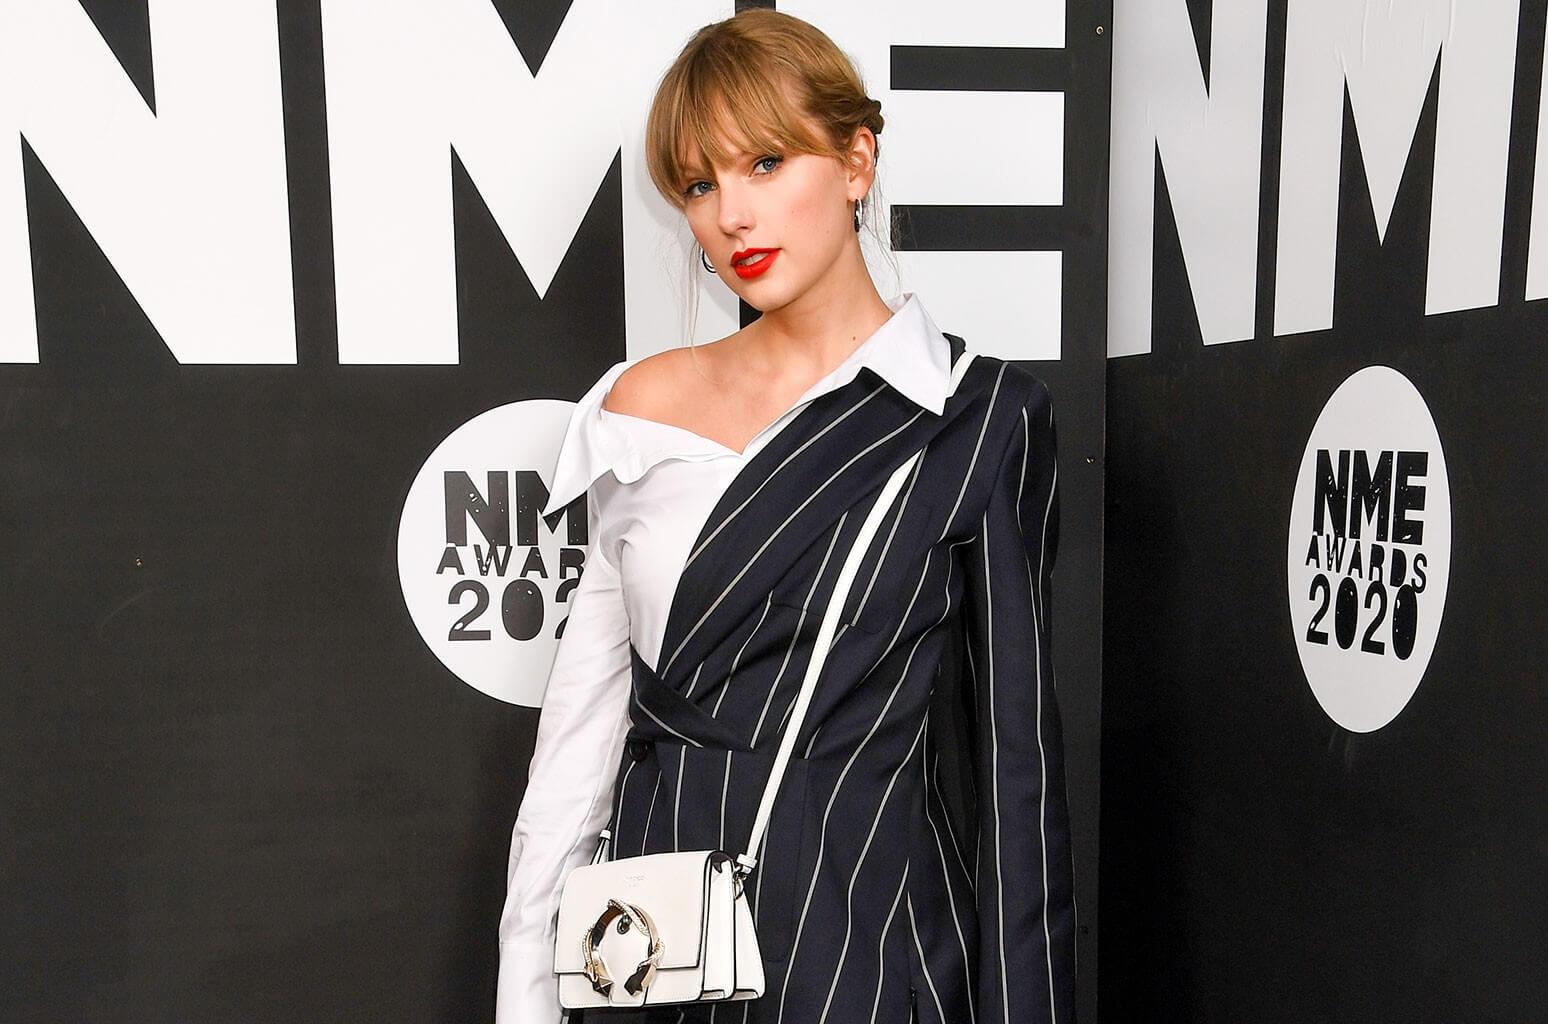 Taylor Swiftのアルバム売上ランキングトップ5とおすすめ全アルバムまとめ